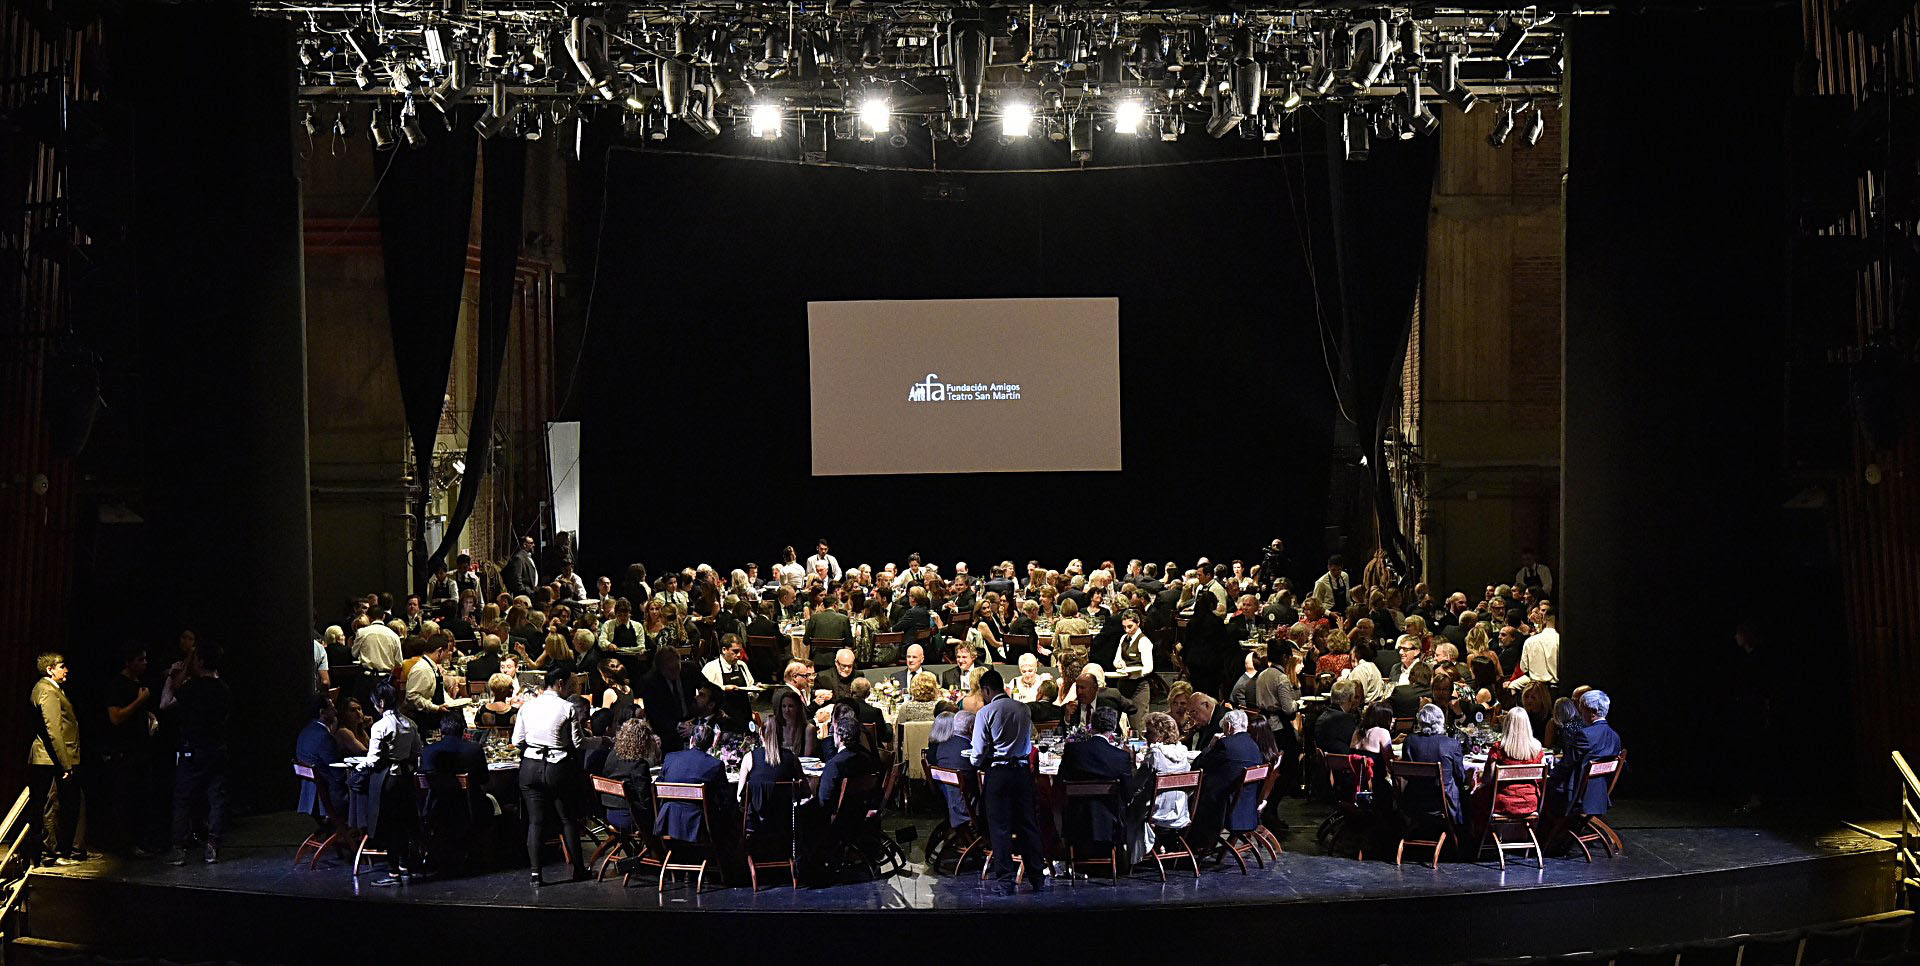 Durante la gala, la Fundación de Amigos del Teatro San Martín construye un puente, para dar a conocer en profundidad su misión e impulsar la recaudación de fondos en vistas a los objetivos del próximo año